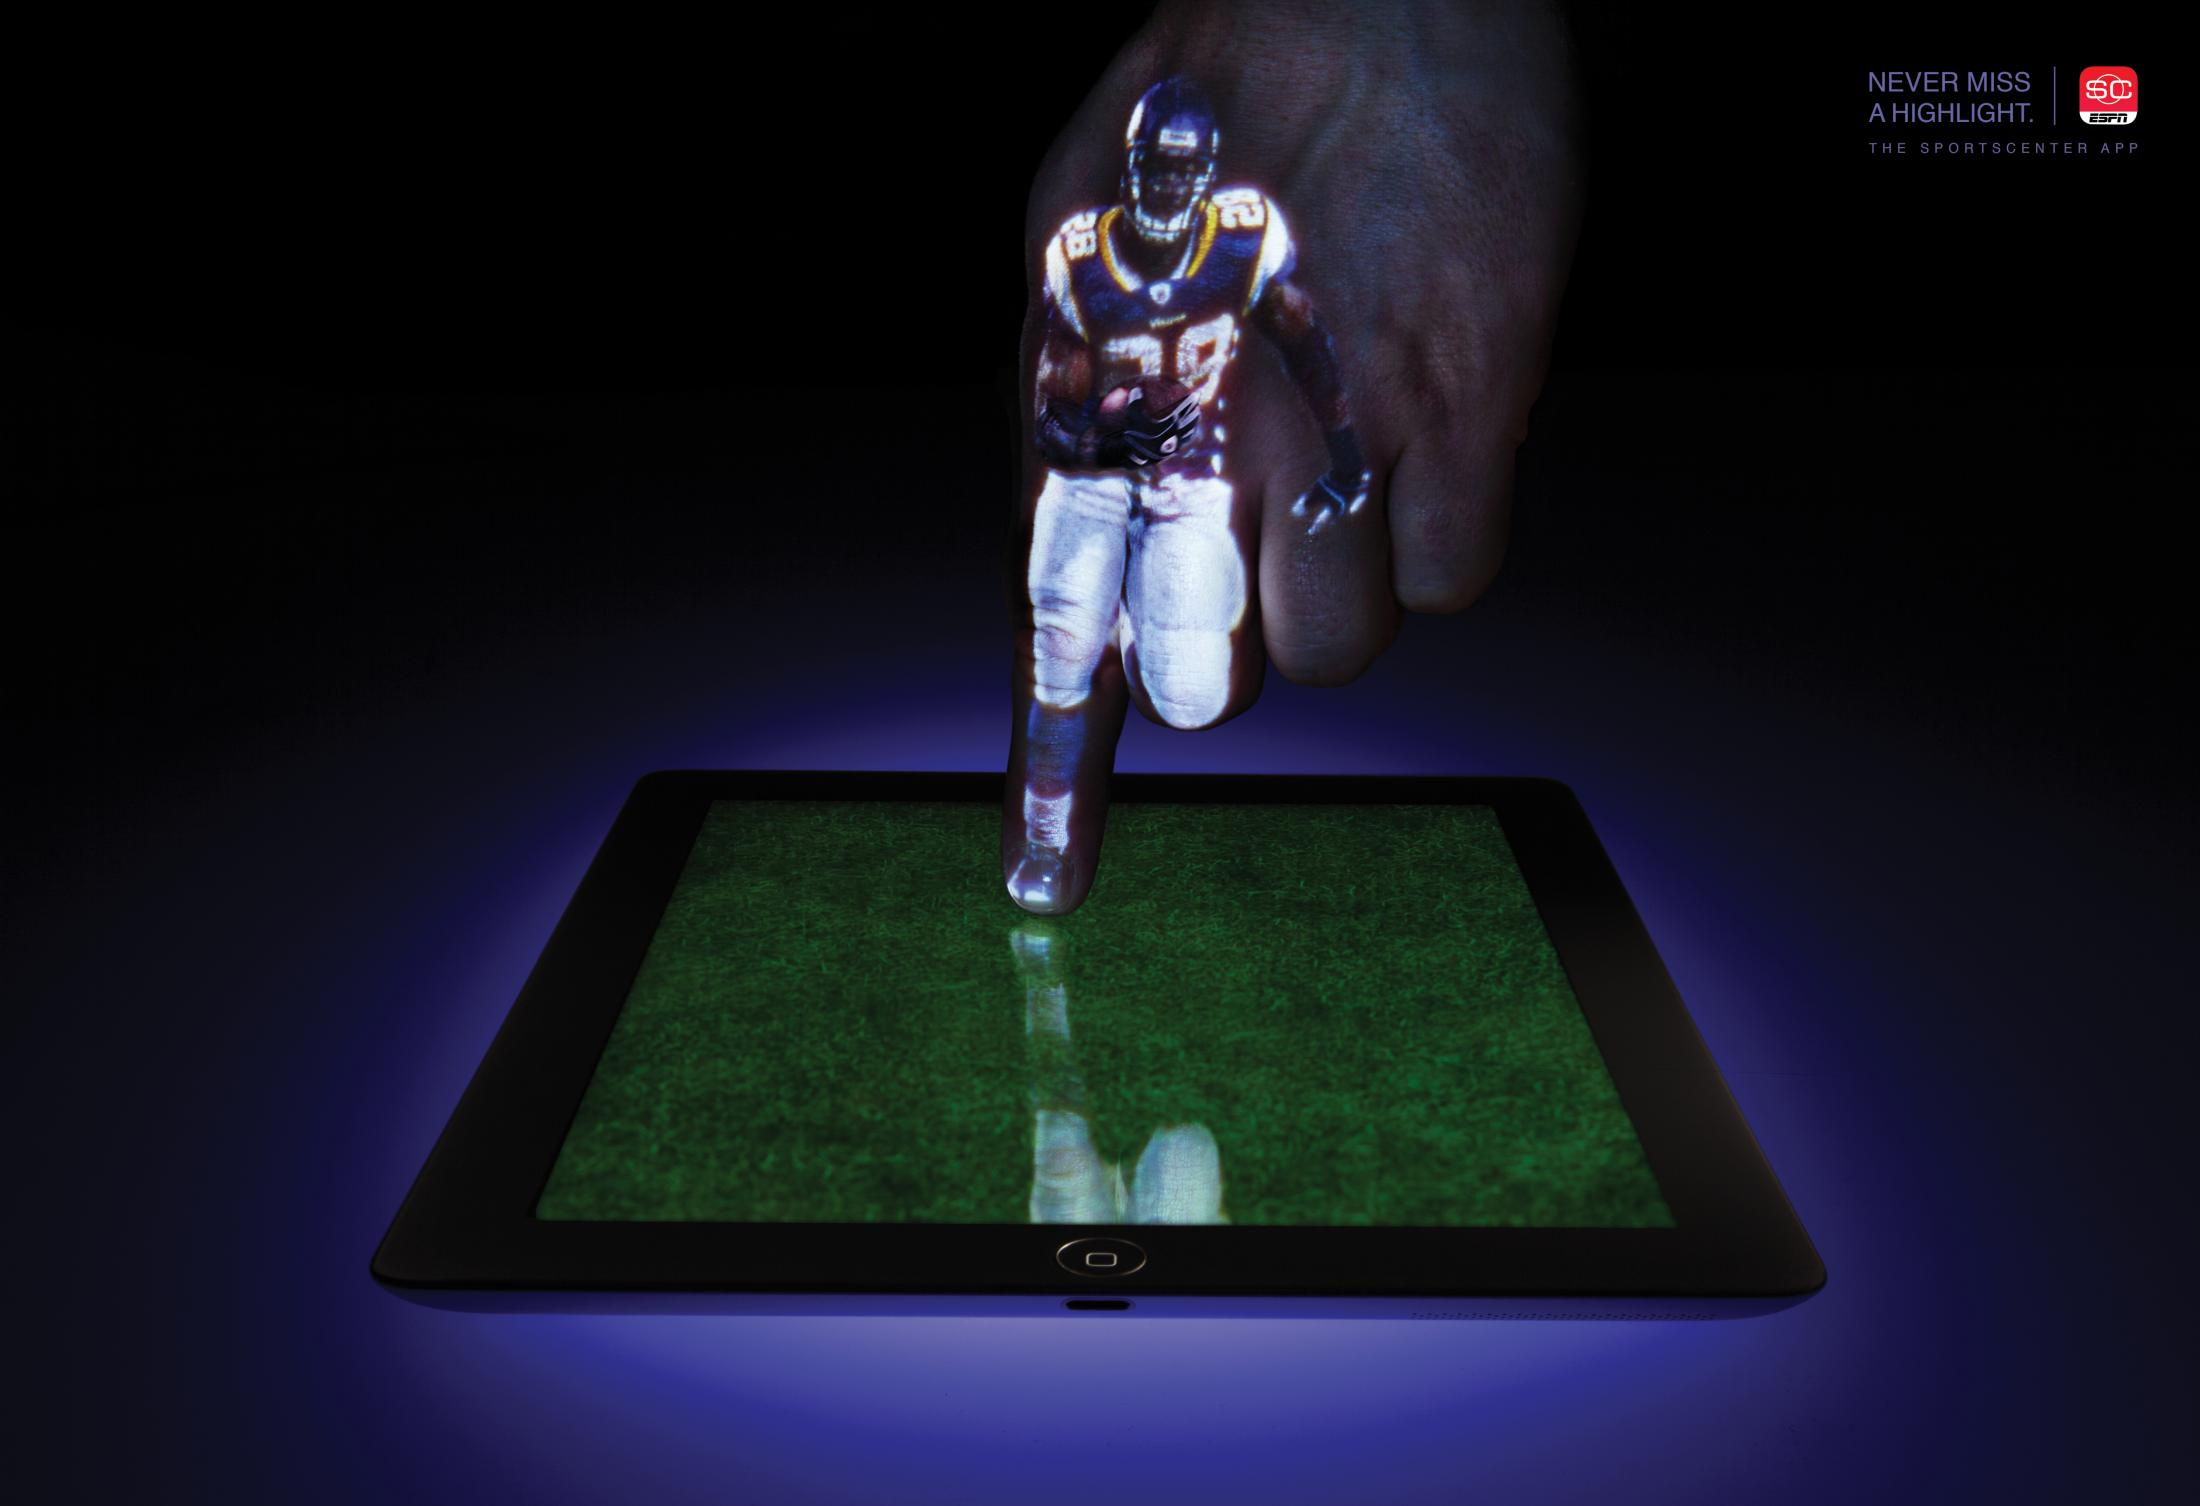 Thumbnail for Sportscenter App